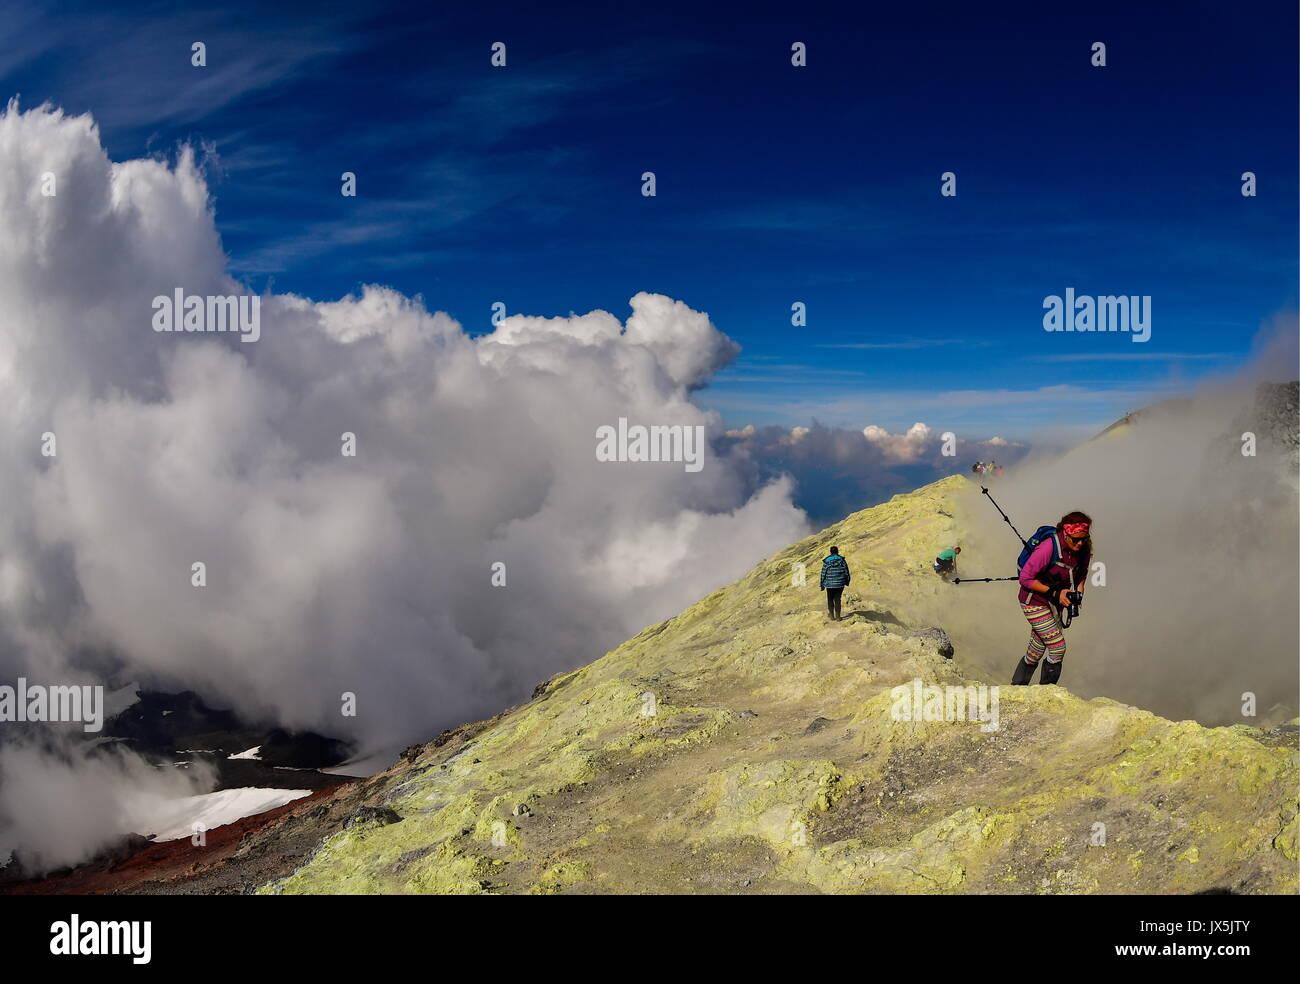 Territorio del Kamchatka, Russia. 12 Ago, 2017. I turisti presso il cratere dell'Avachinsky attivi Stratovulcano. Foto Stock